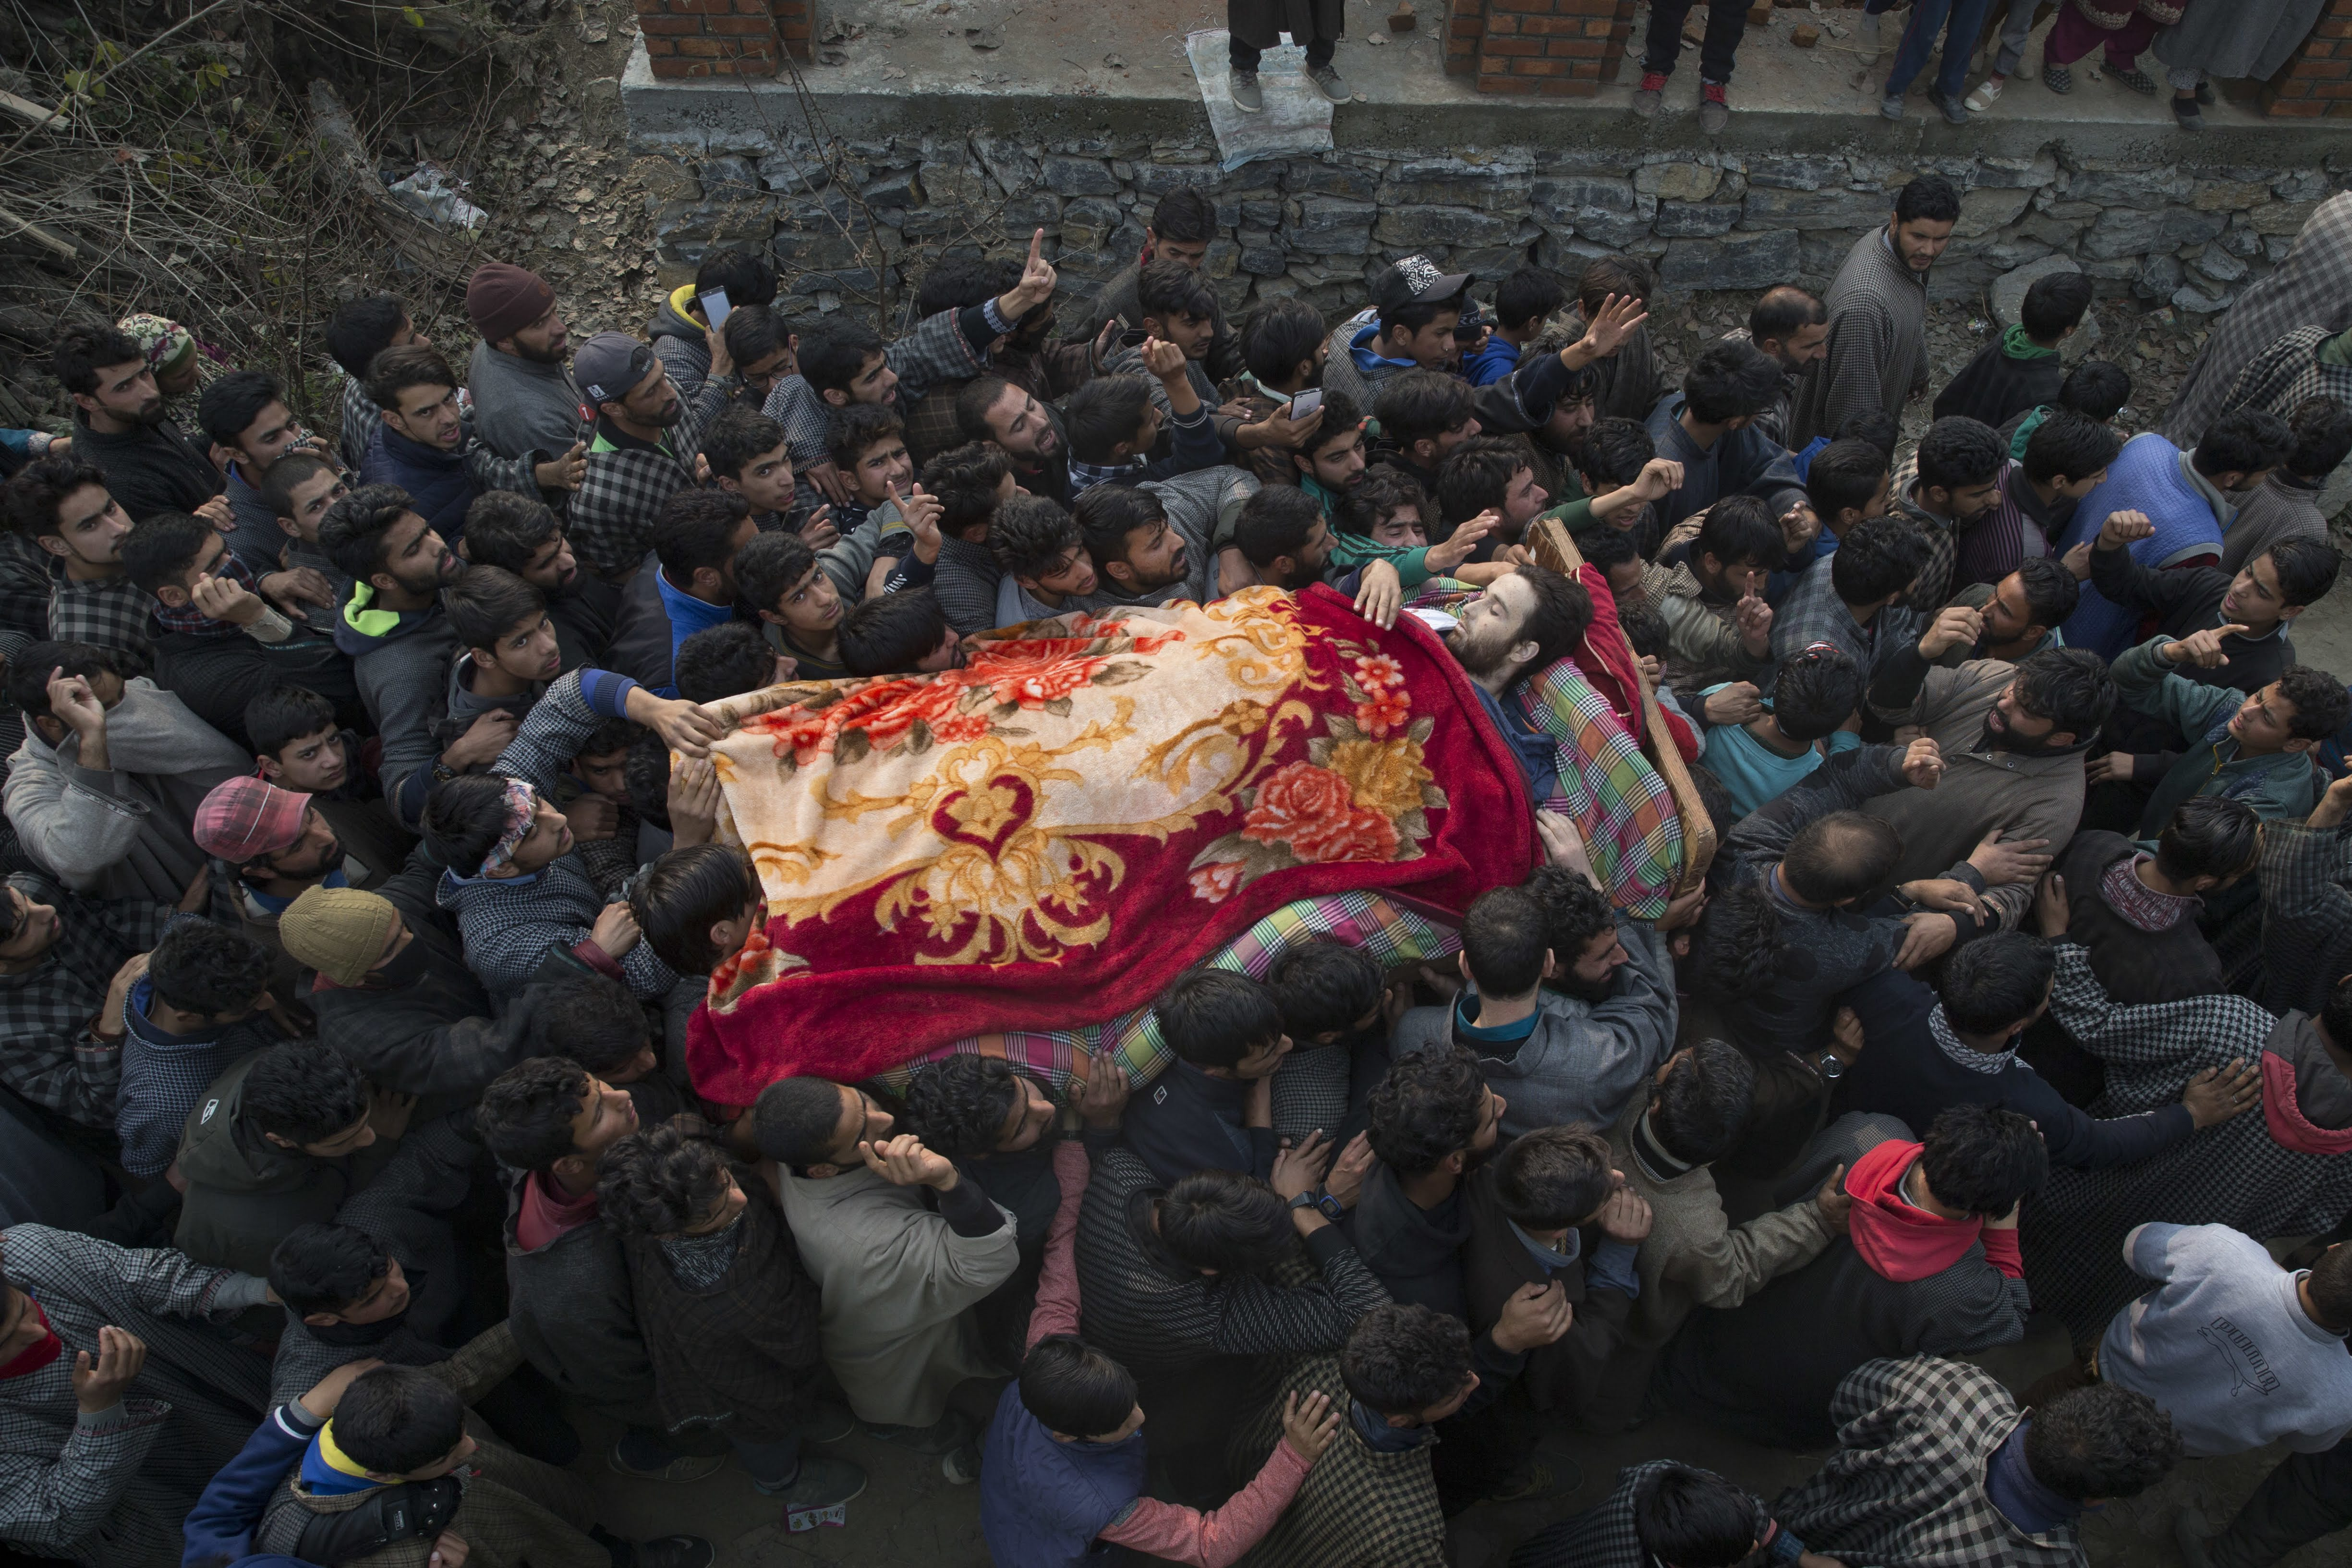 दक्षिण काश्मीरमध्ये झालेल्या या चकमकीत काश्मिरी बंडखोर शाहीद अहमद या बंडखोर नेत्यासह ६ जण मारले गेले.